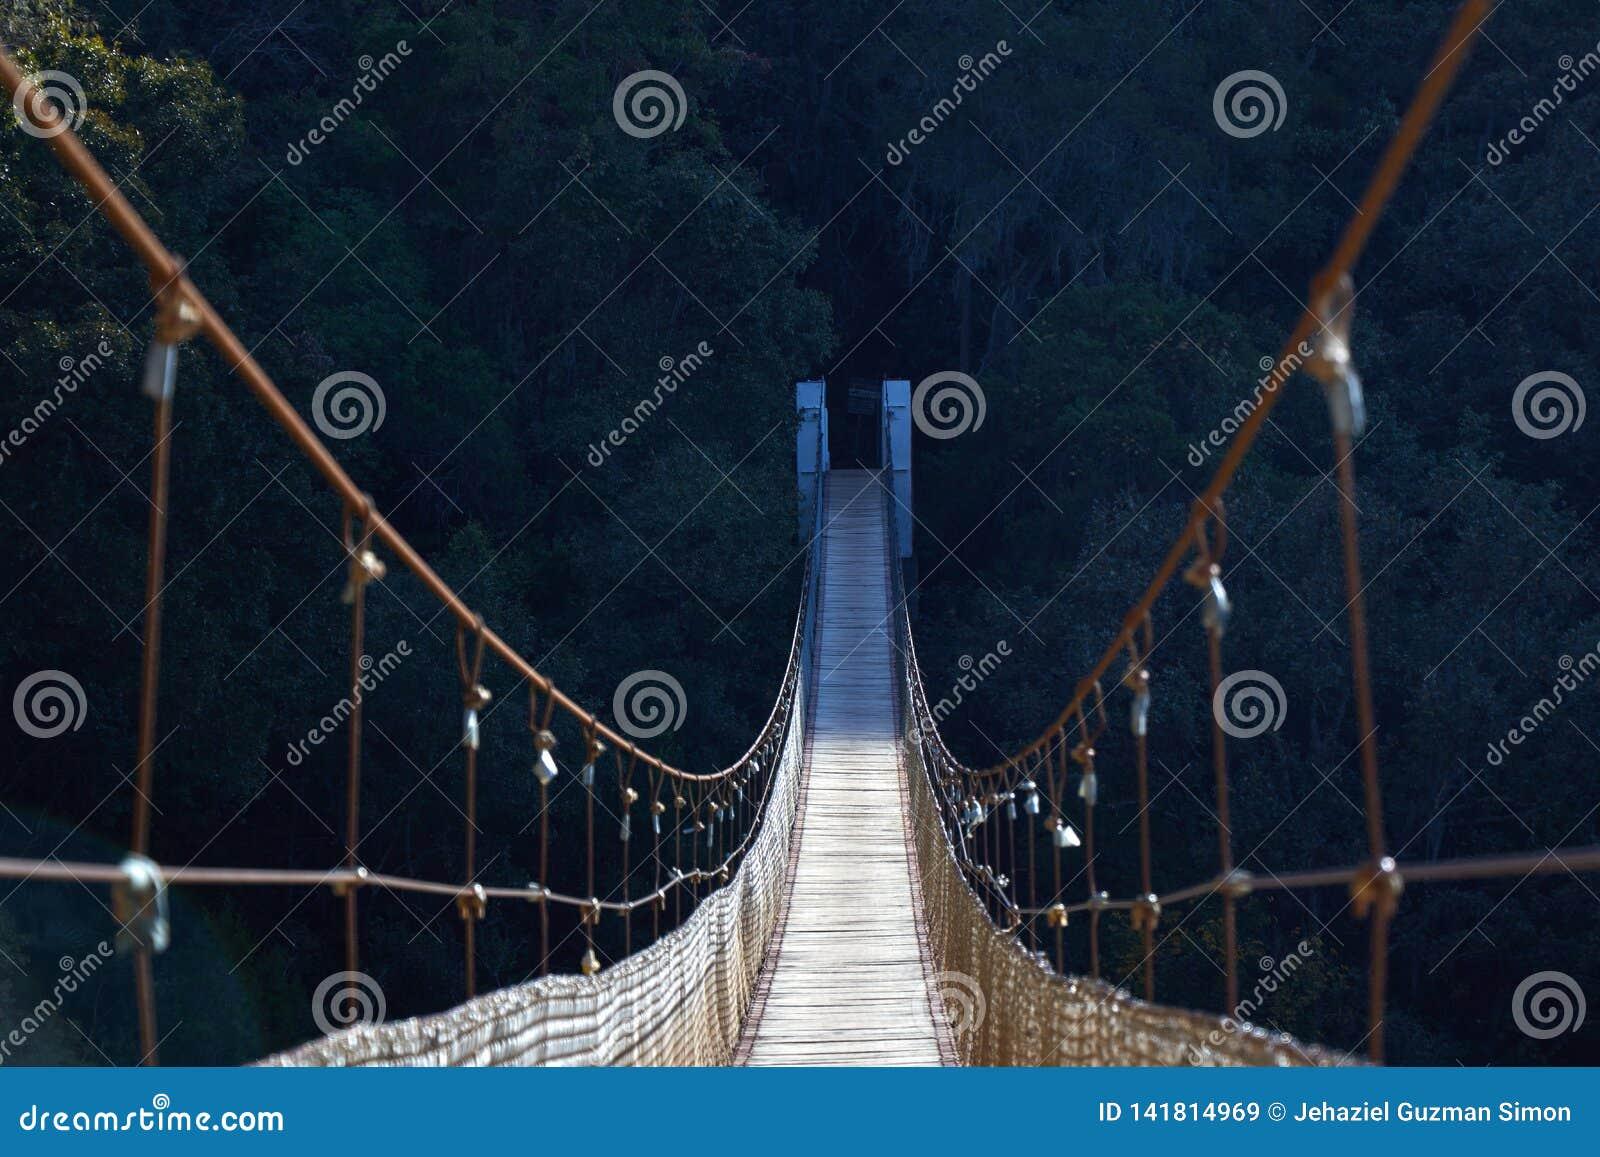 Suspension bridge with half shadow